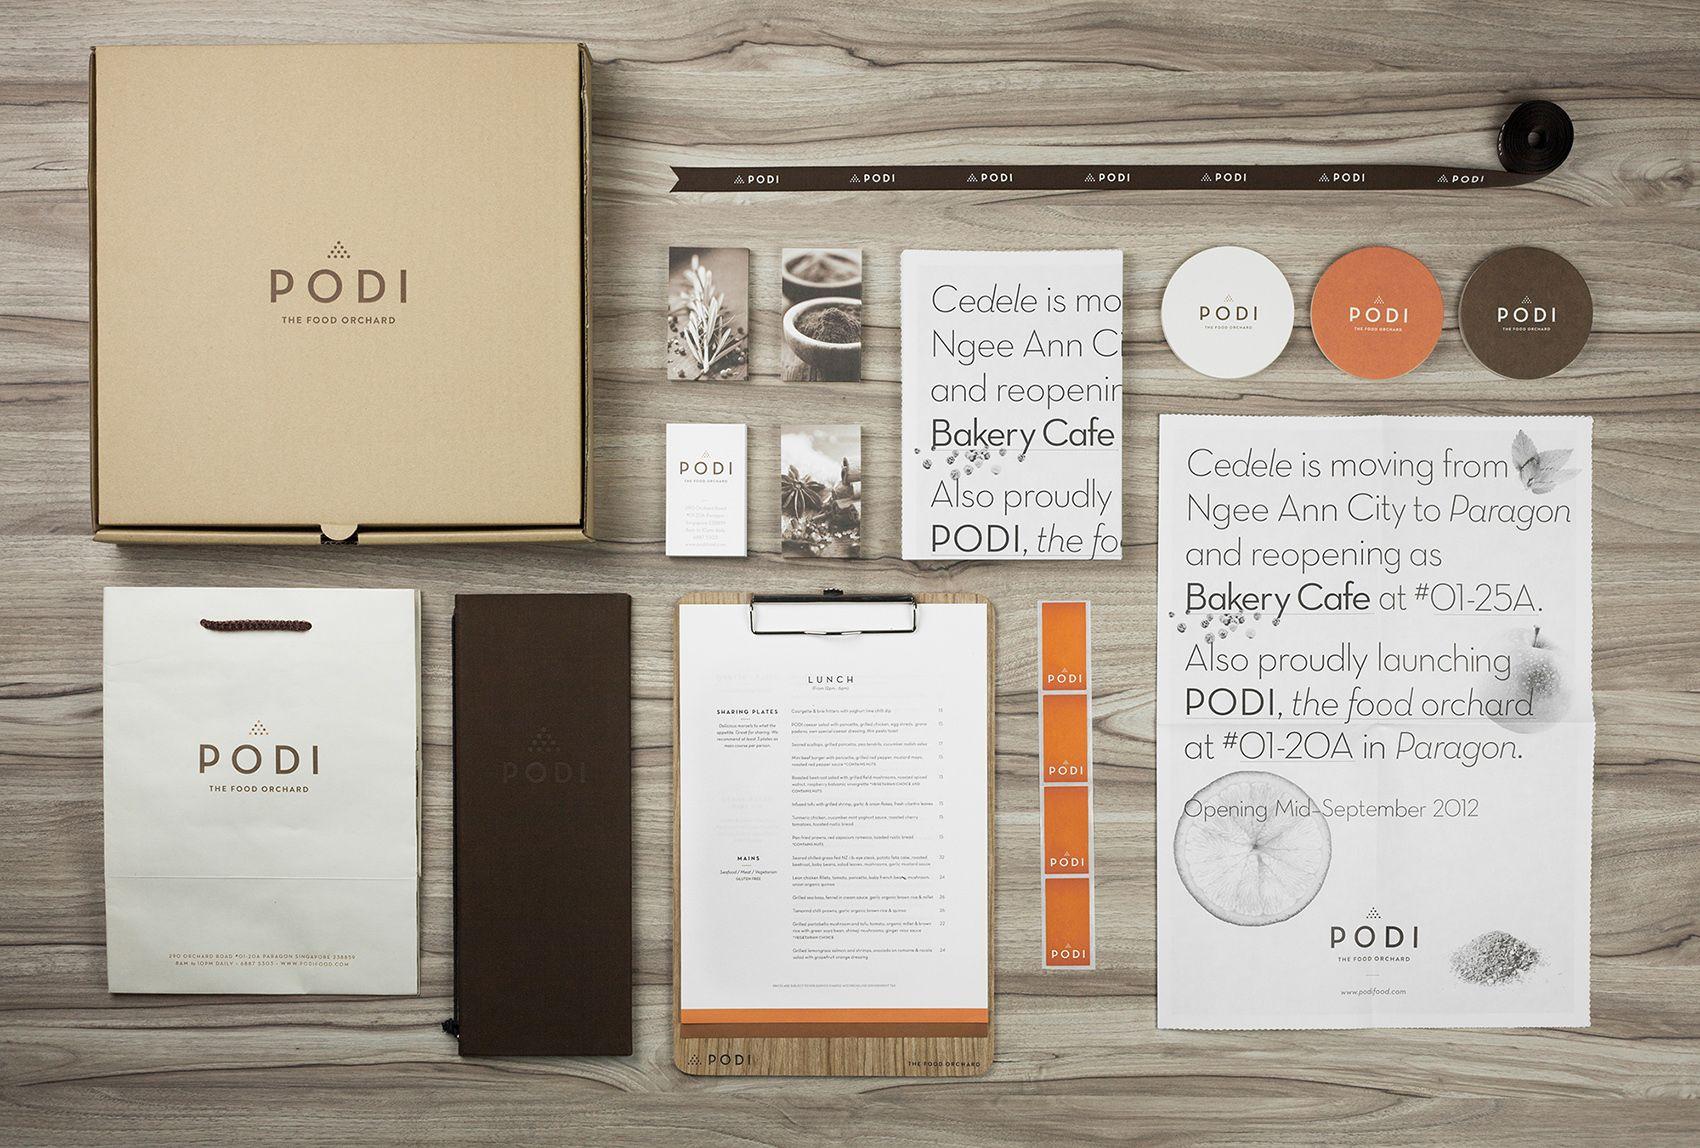 Podi Restaurant branding by Bravo